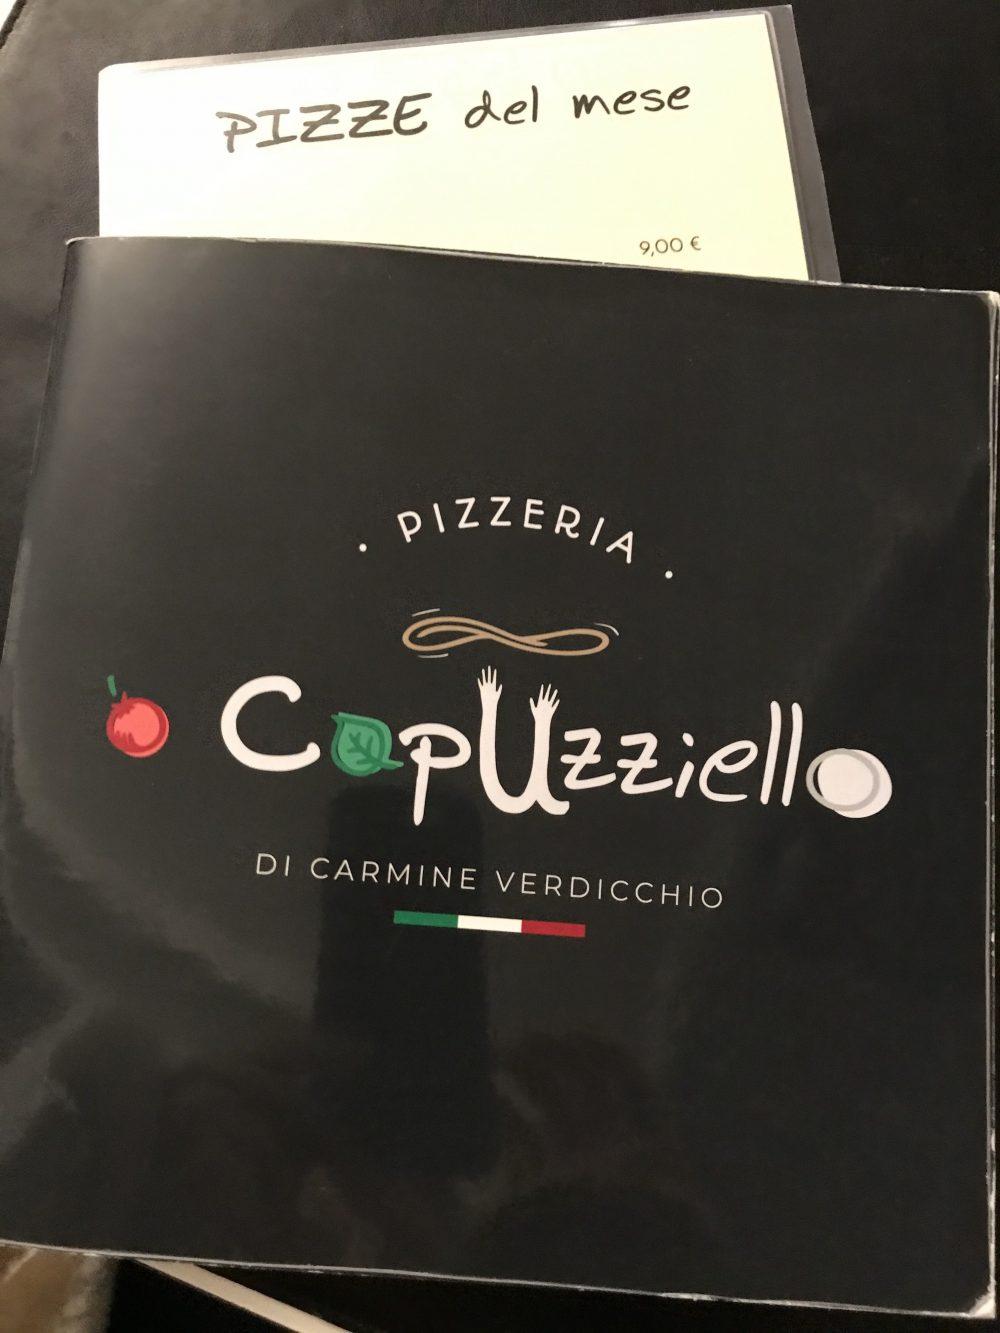 Pizzeria O' Capuzziello - menu'